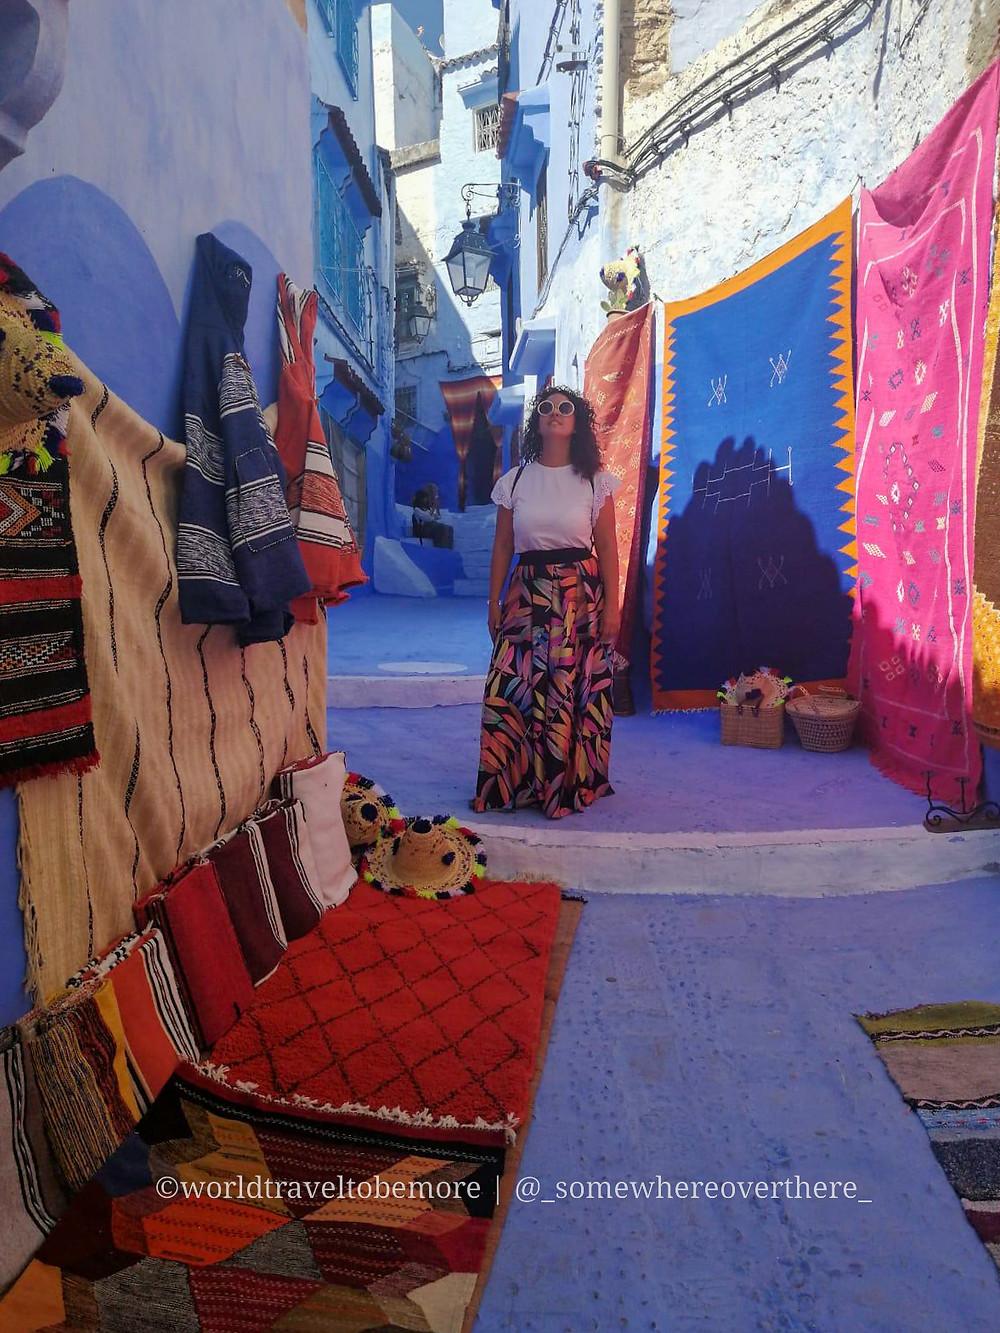 La perla blu del Marocco: Chefchaouen | Worldtraveltobemore.com